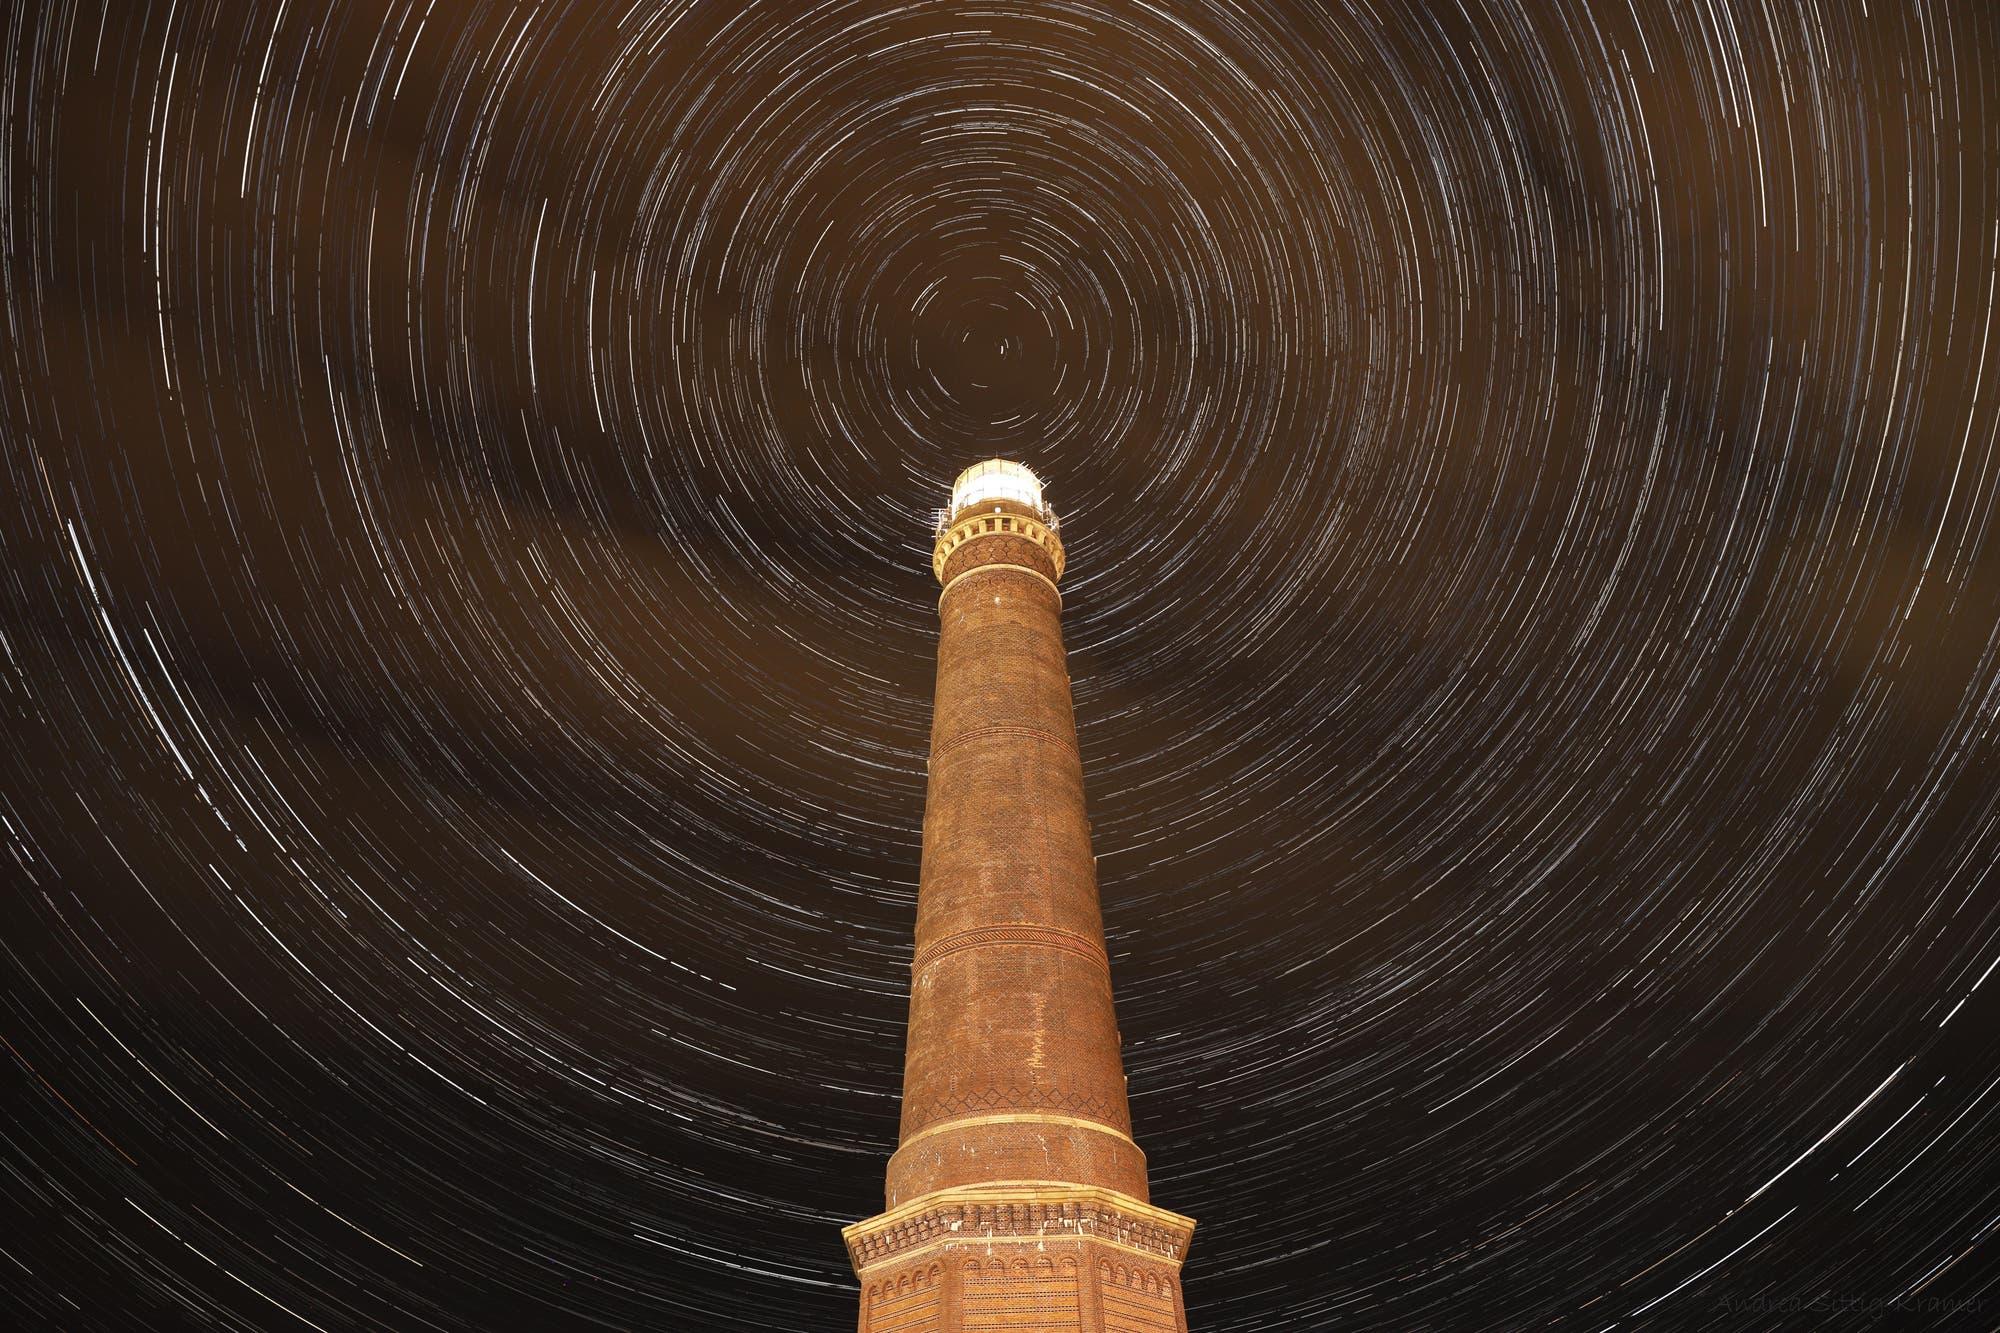 Startrails am Neuen Leuchtturm Borkum